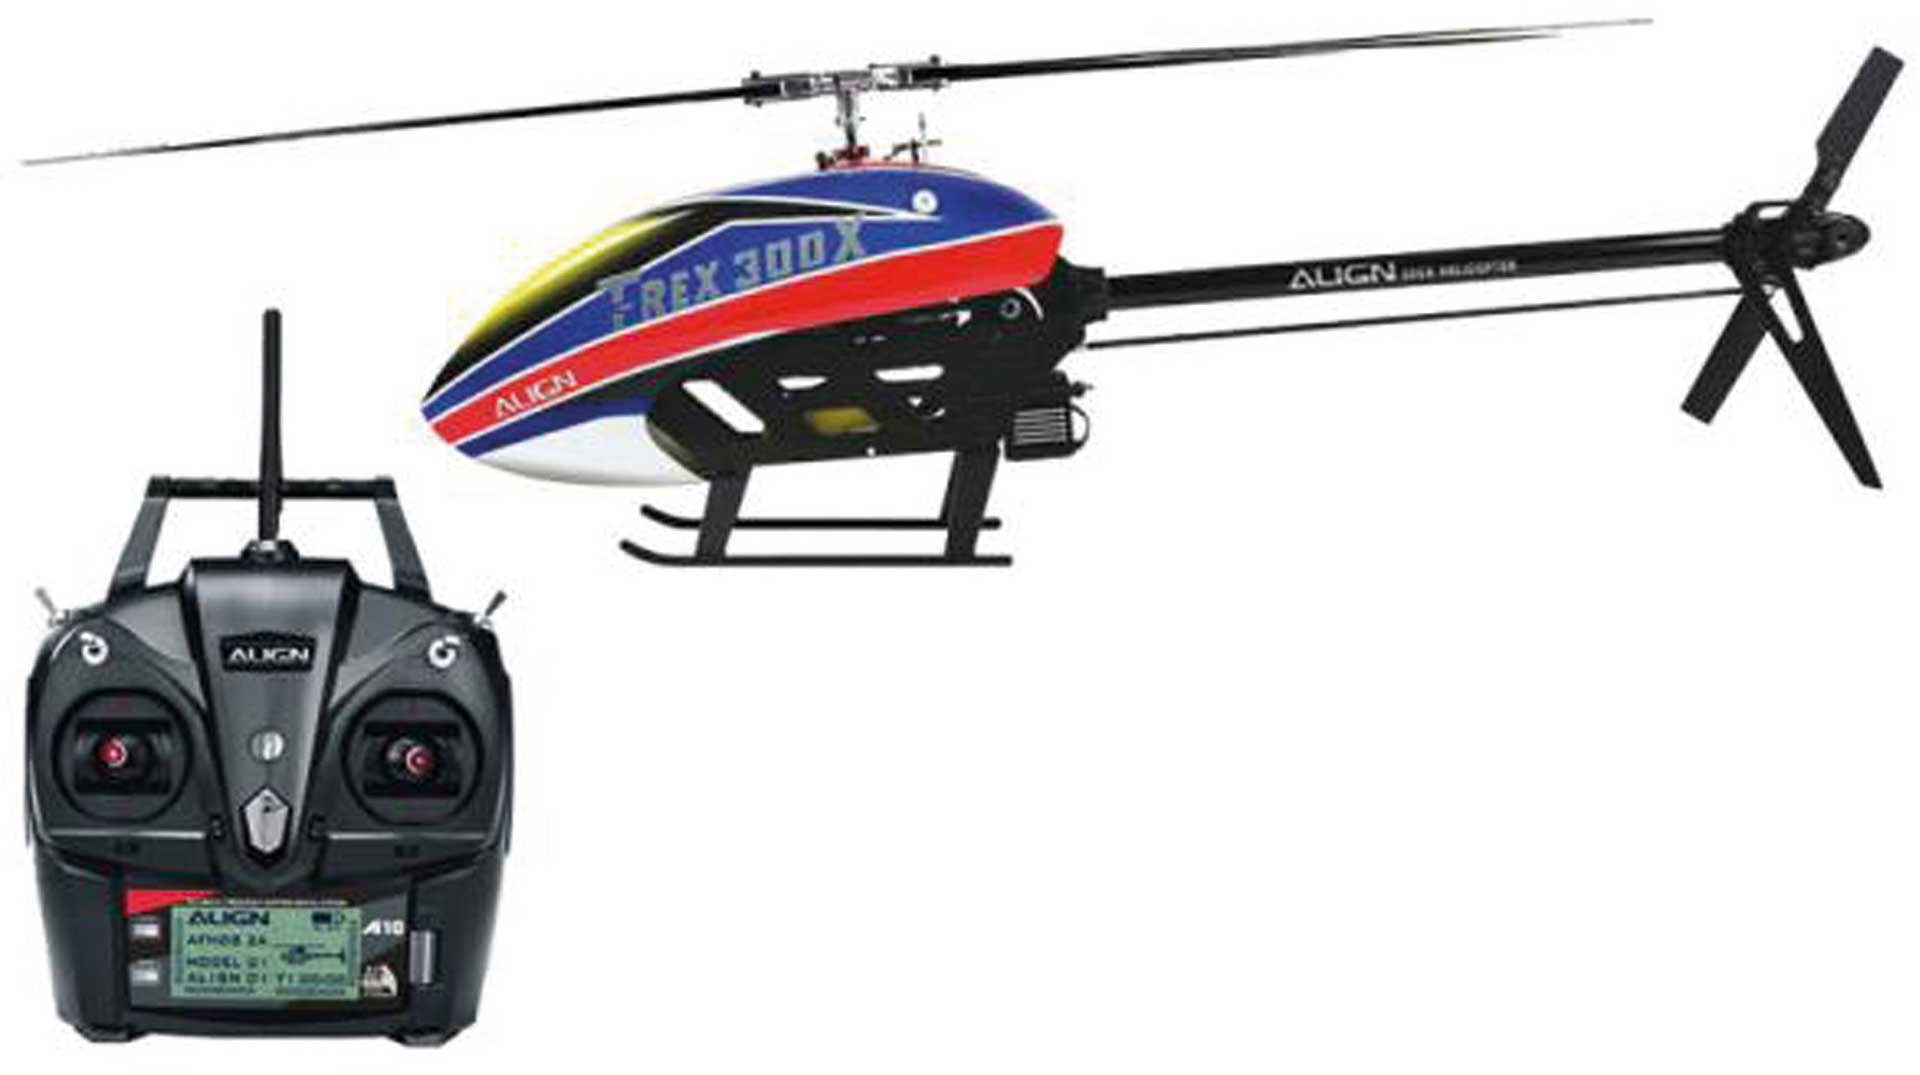 ALIGN T-REX 300X DOMINATOR Super Combo - RTF Hubschrauber / Helikopter